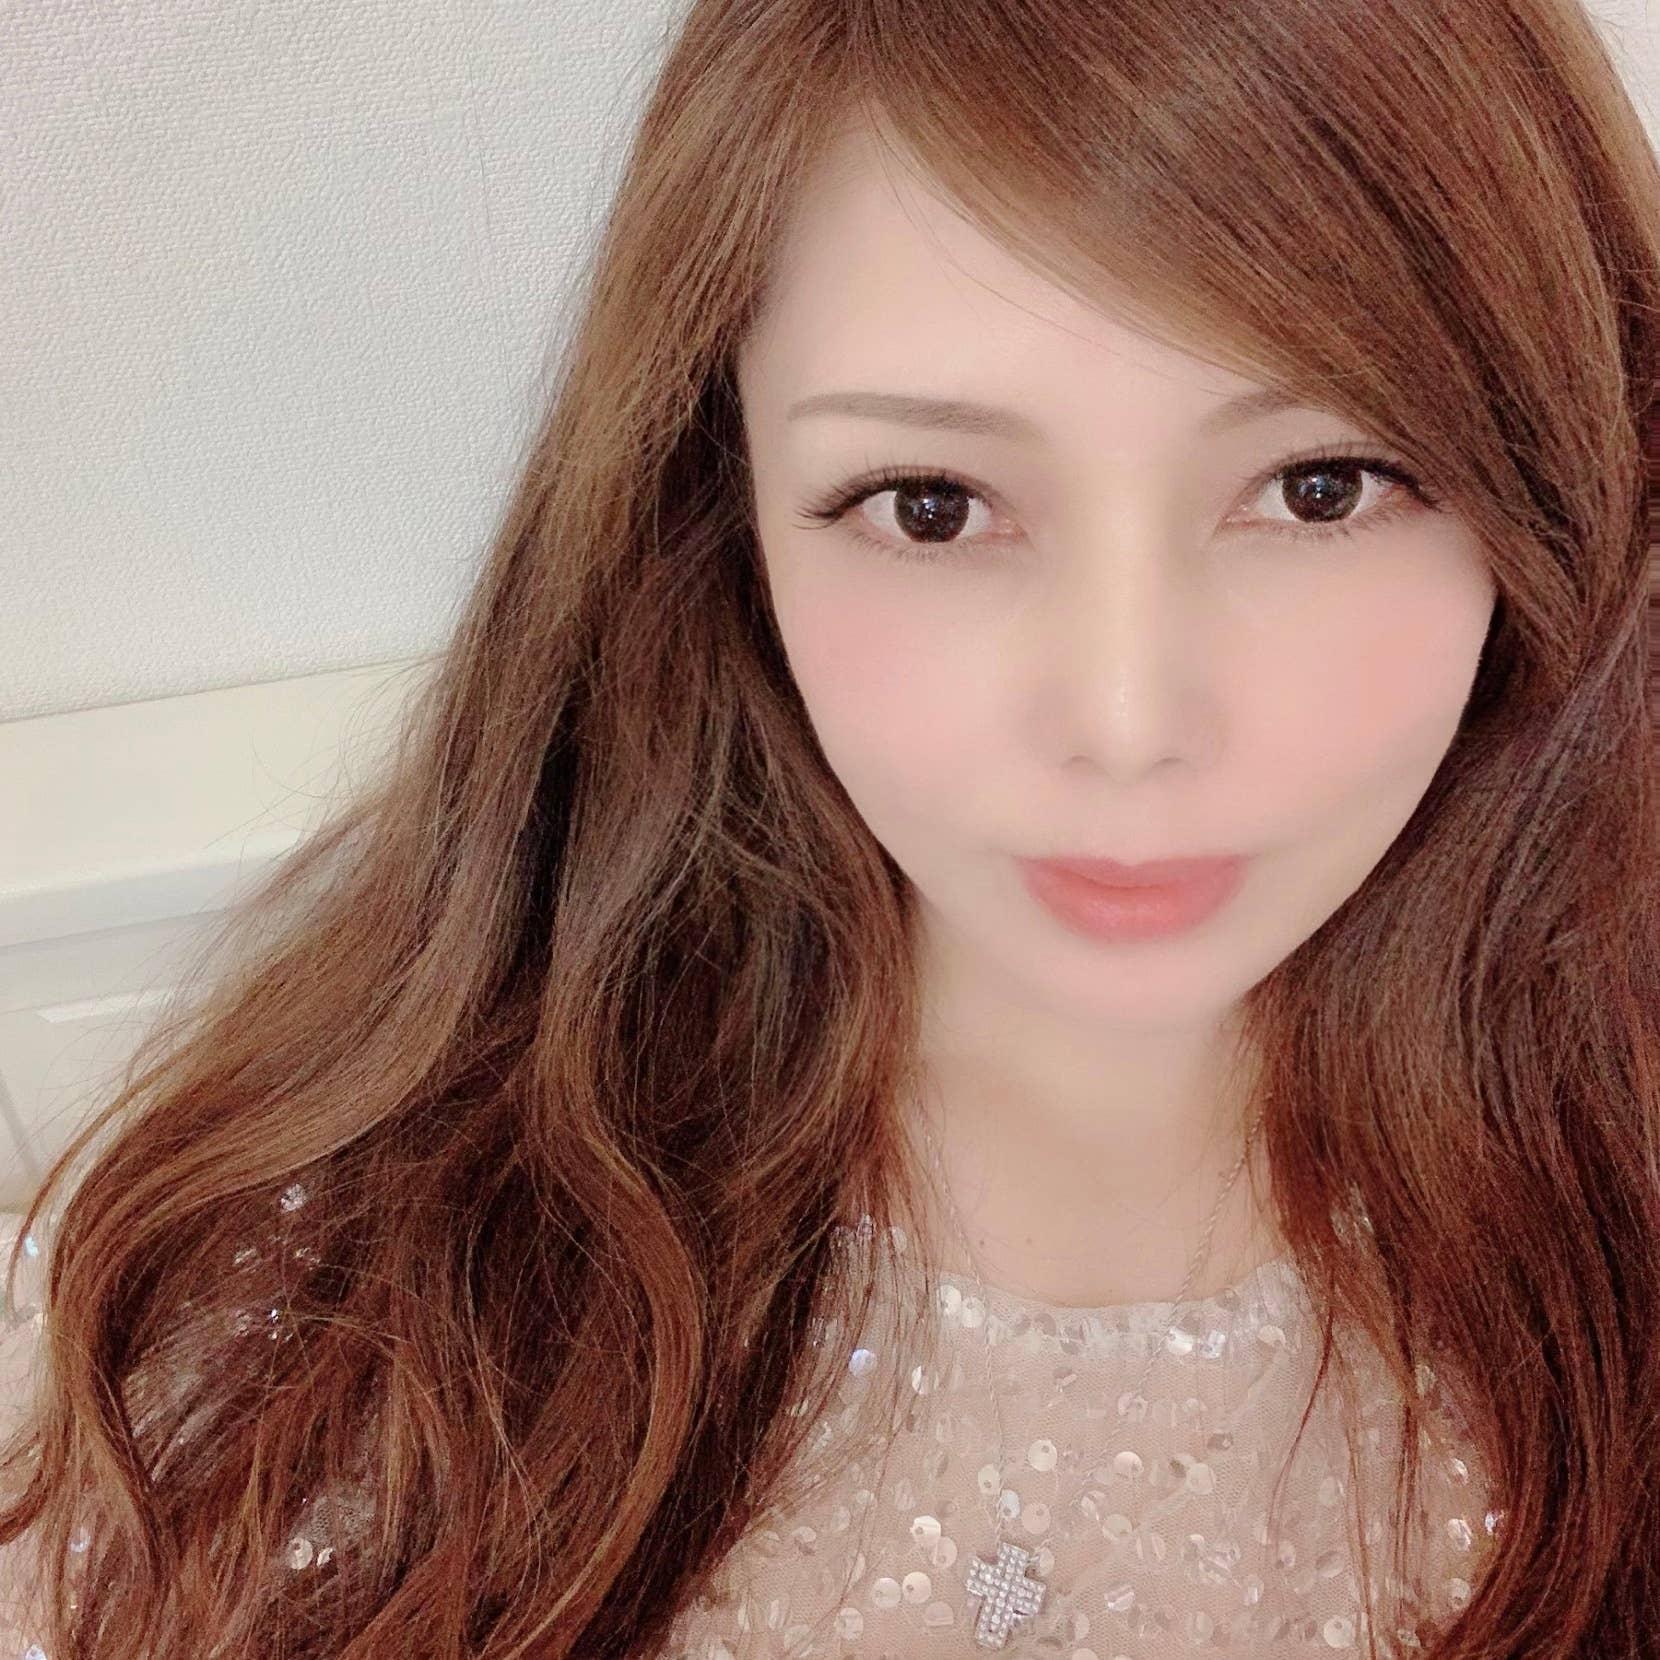 Rie Watanabe